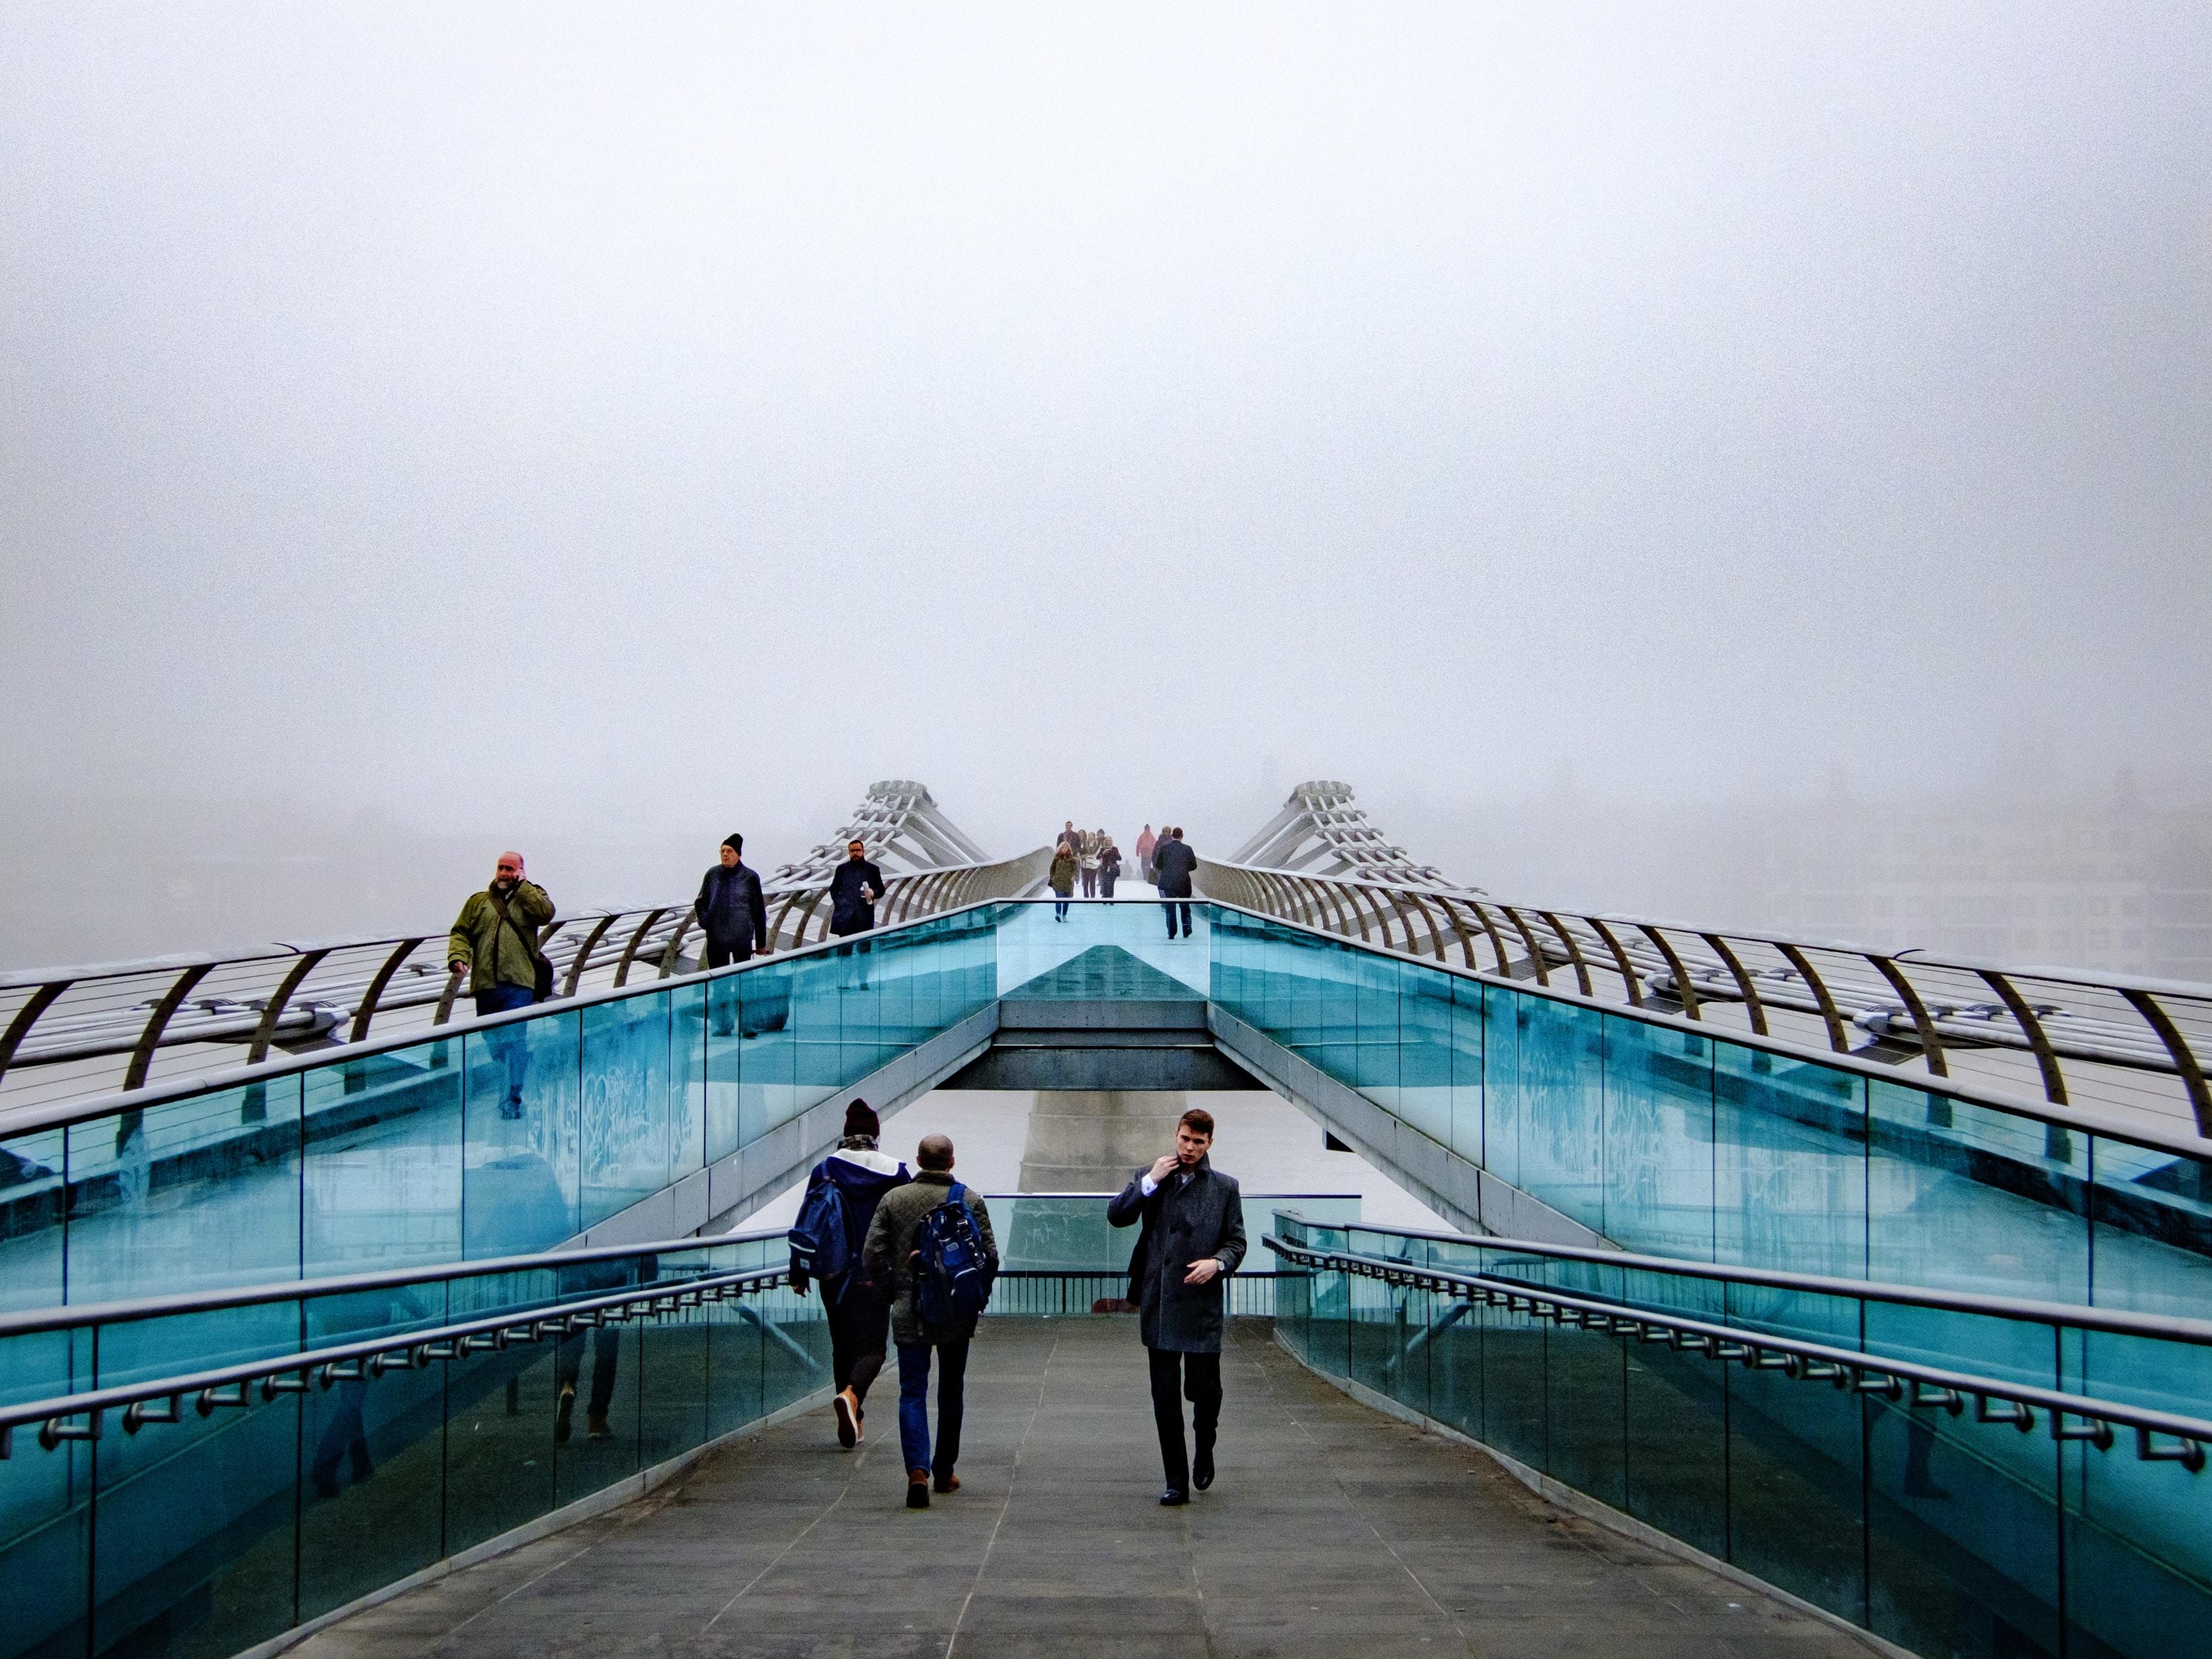 people walking near glass railings